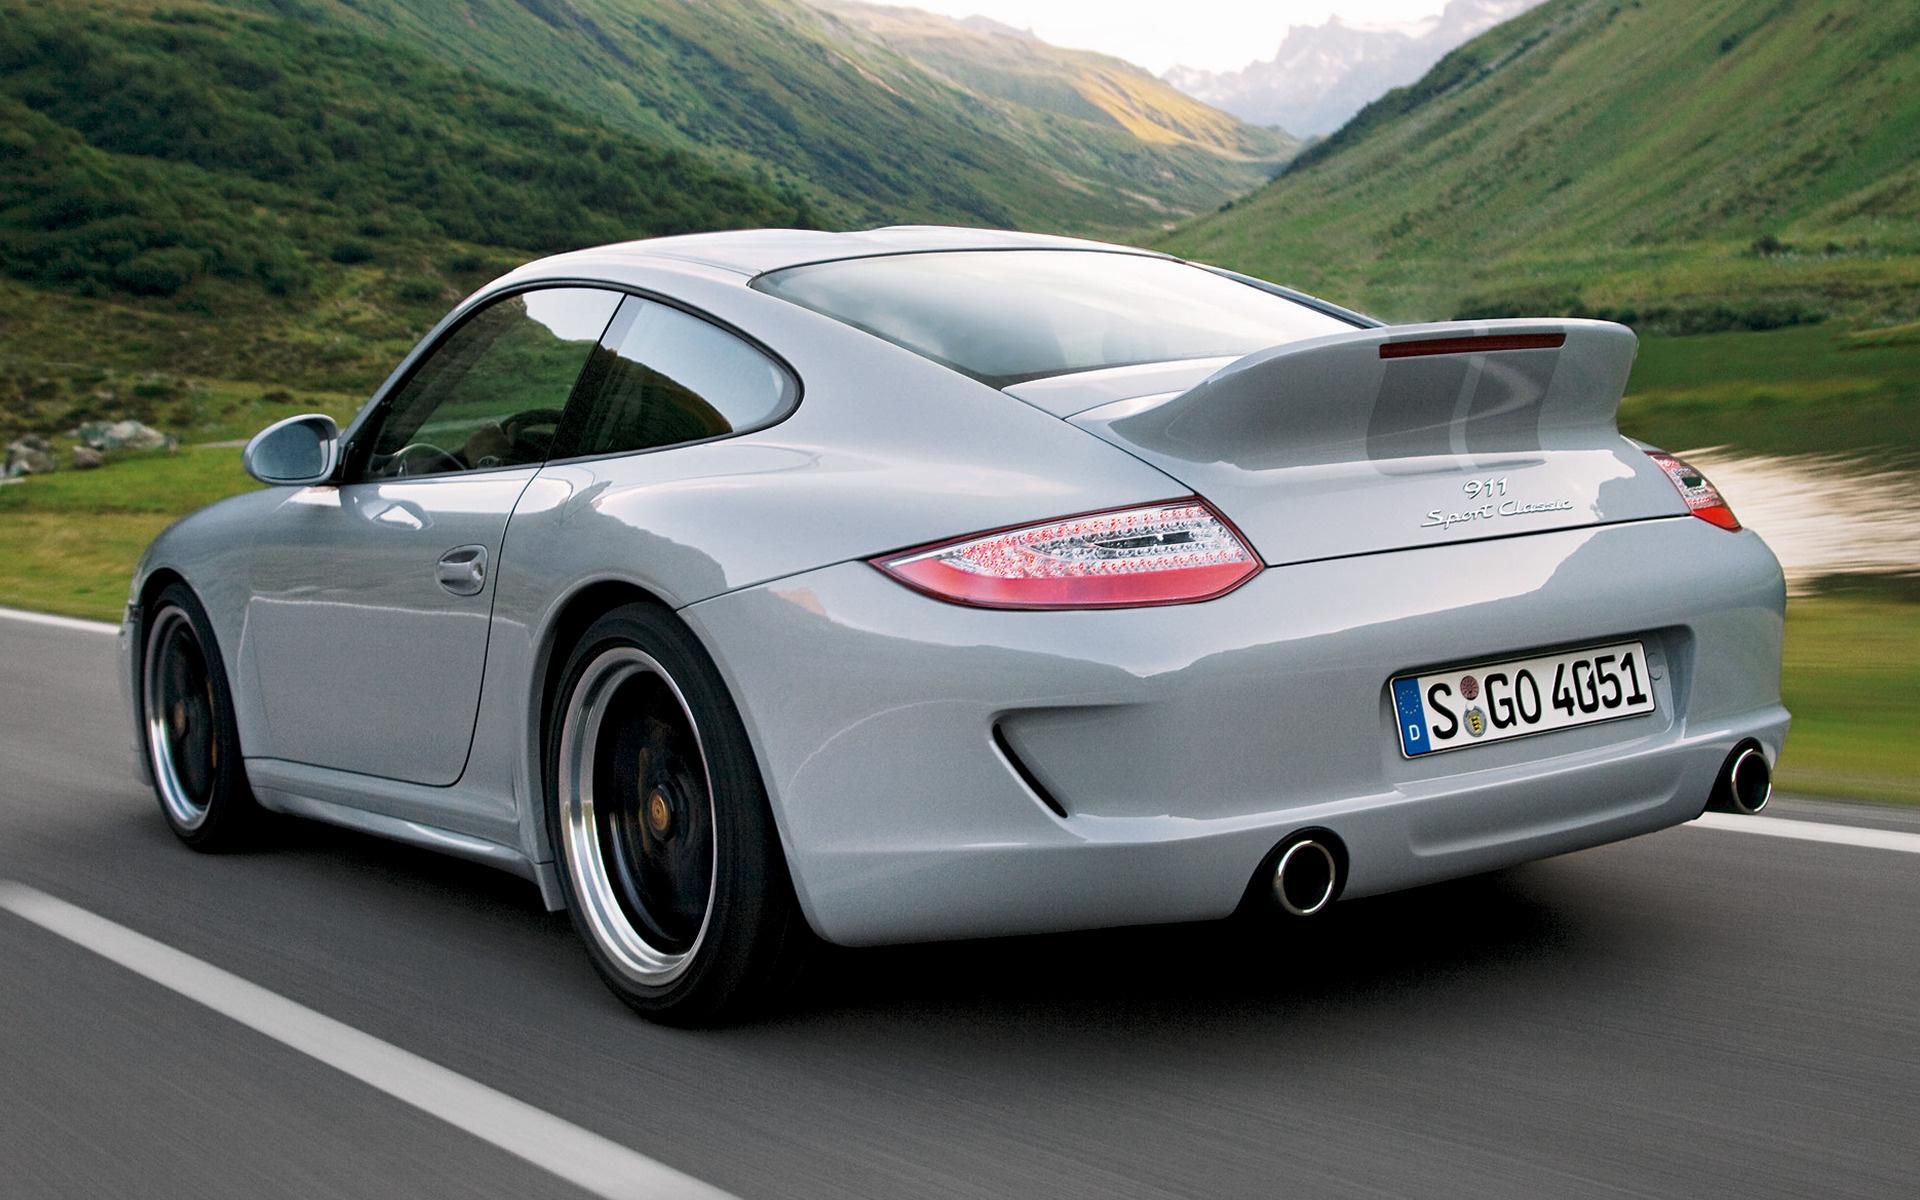 Porsche 911 Sport Classic Wallpaper: Porsche 911 Sport Classic (2009) Wallpapers And HD Images